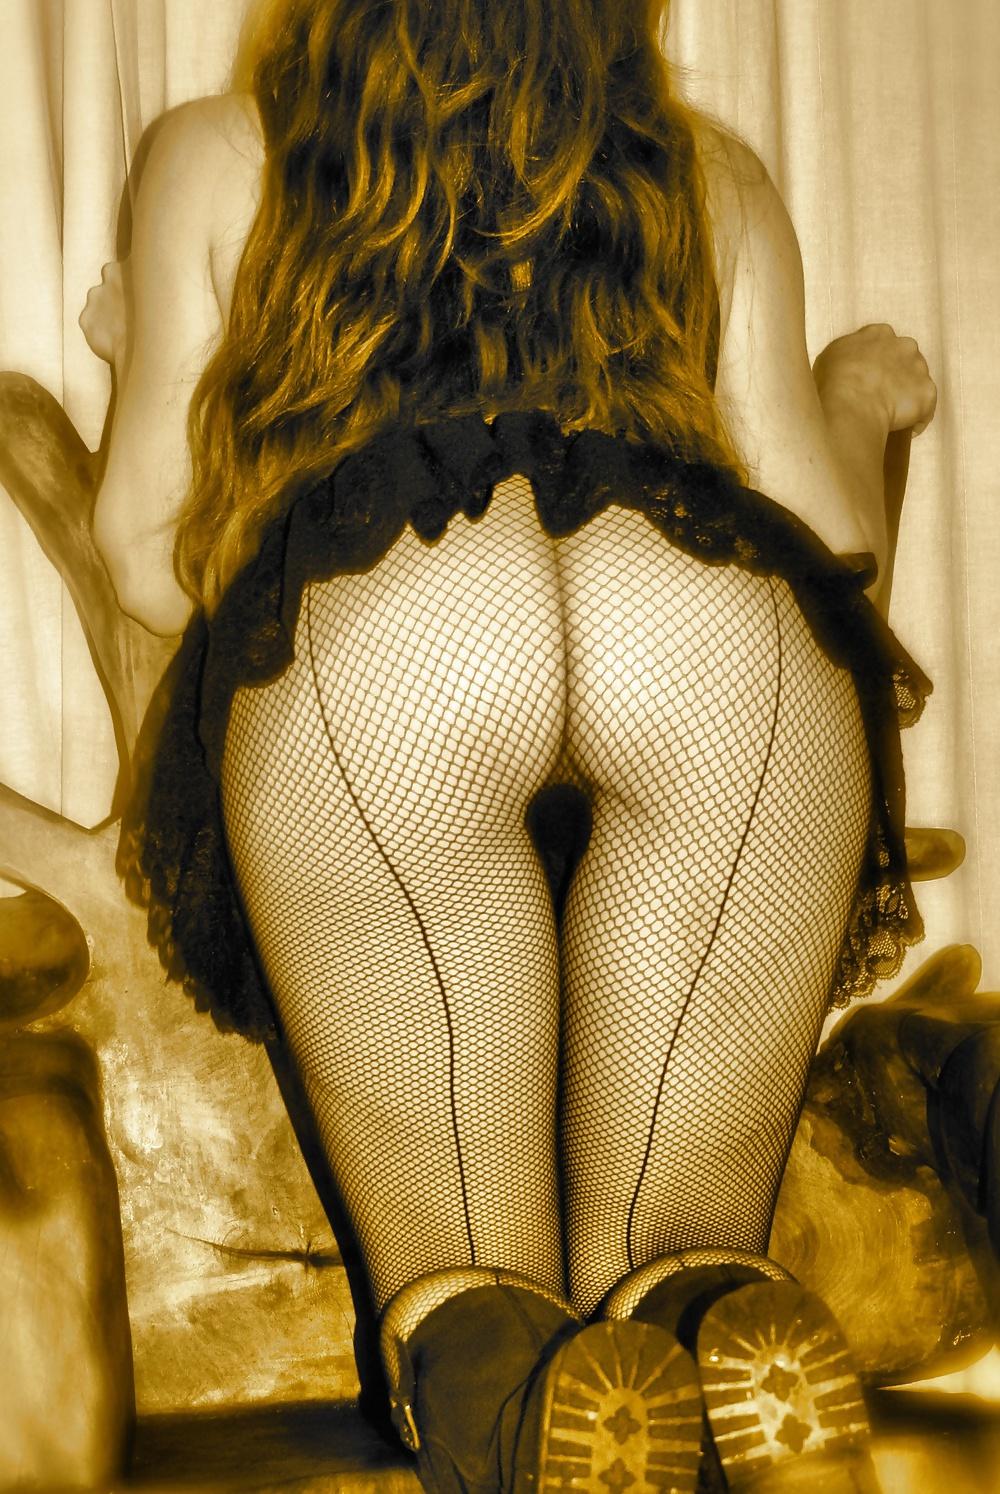 Nasty ass photos